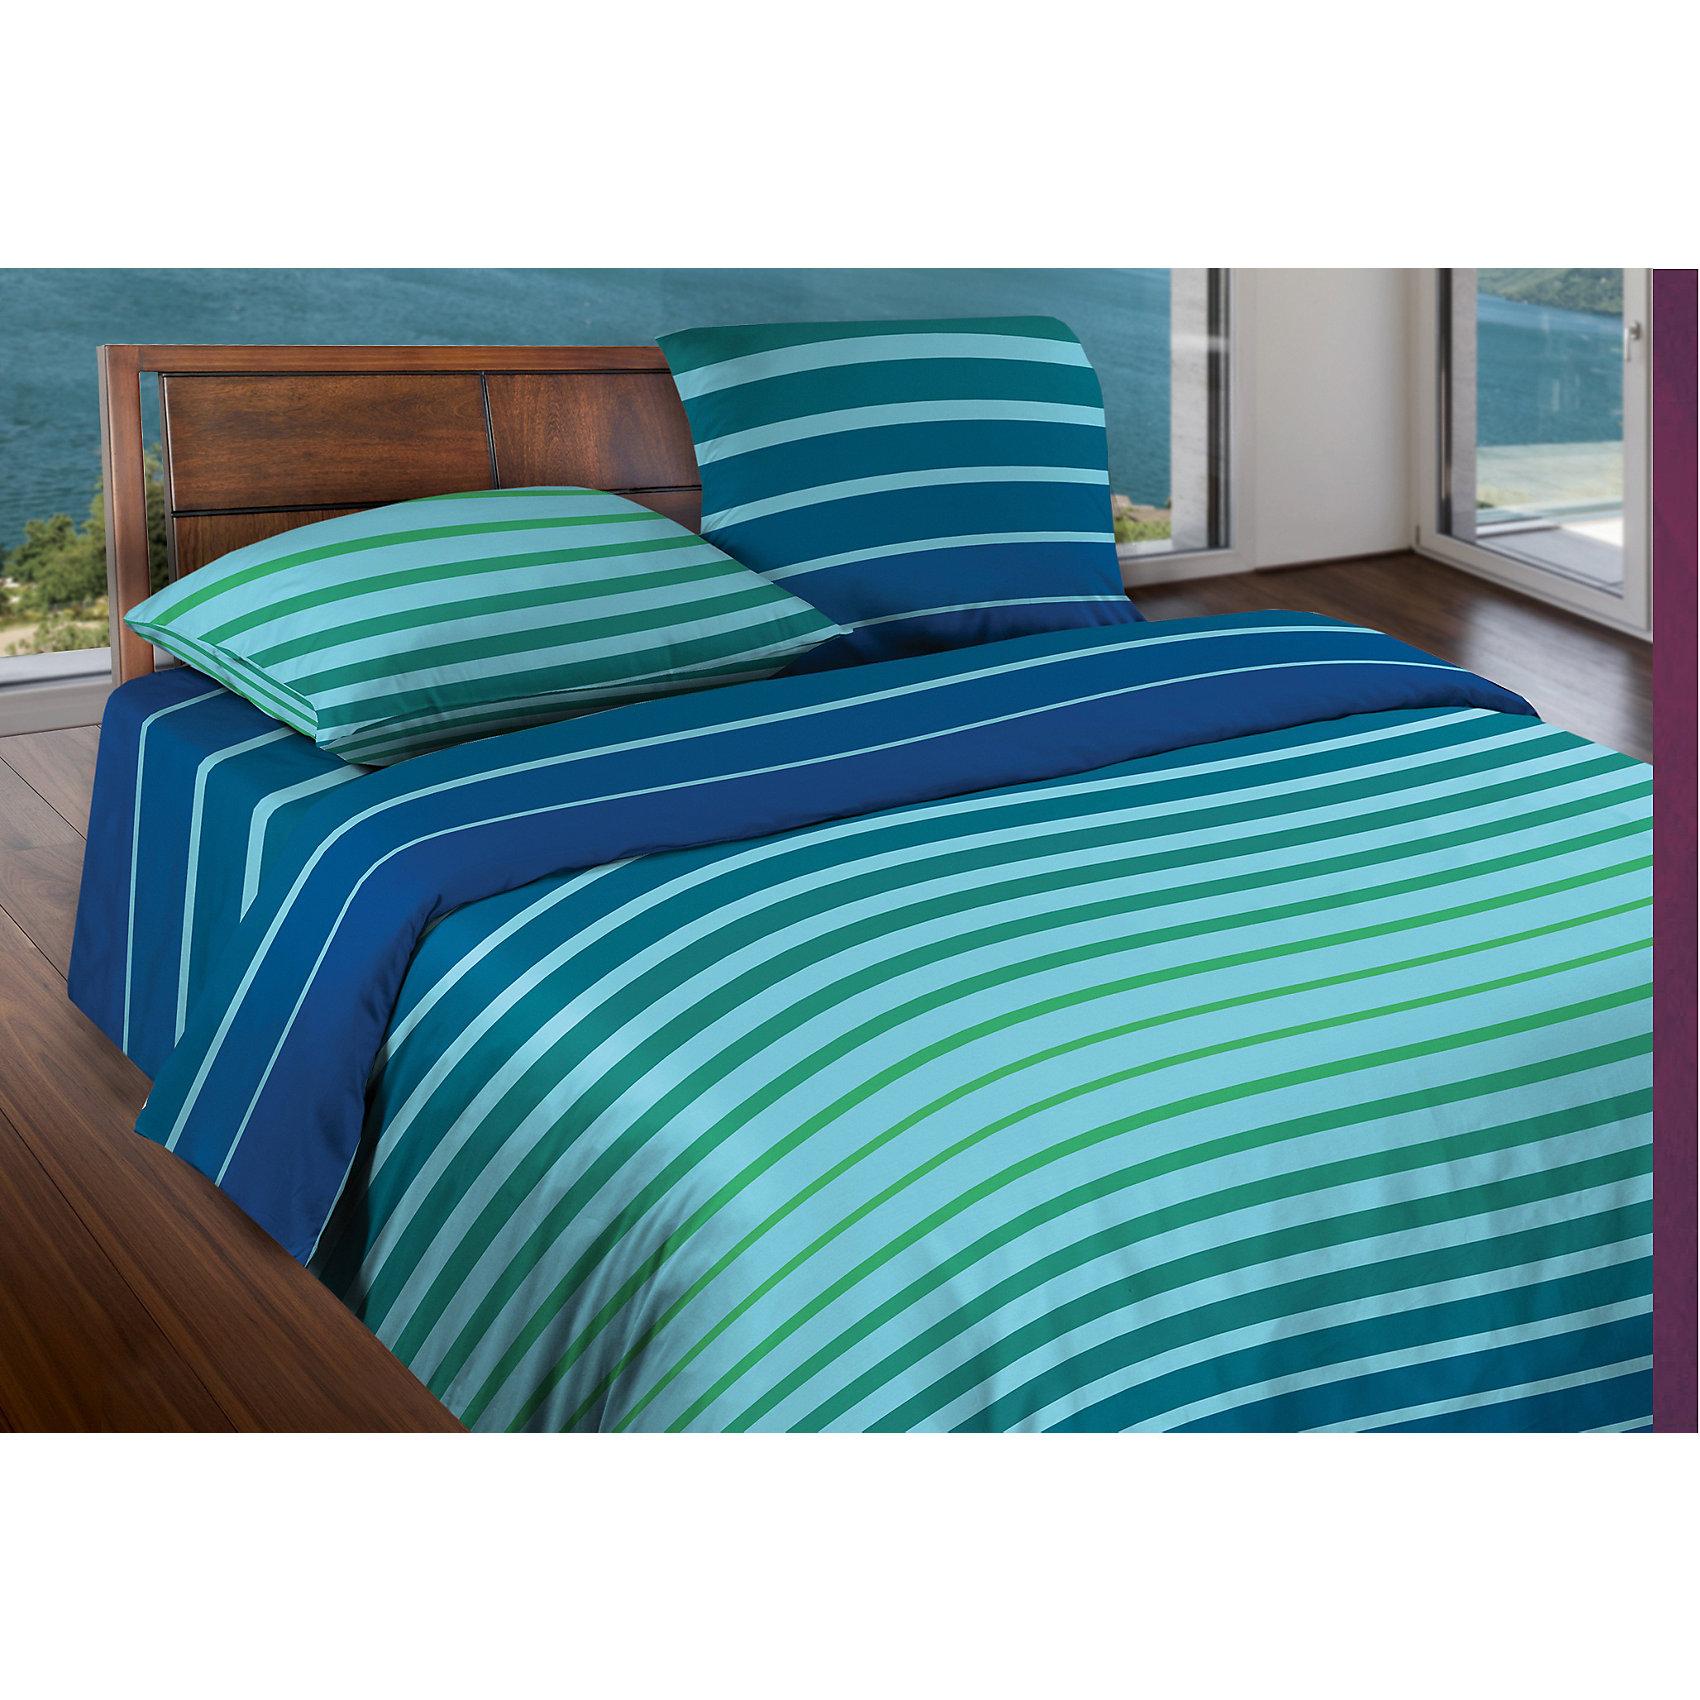 Постельное белье 2,0 Stripe Blue mint, БИО Комфорт, WENGE MotionДомашний текстиль<br>Постельное белье 2,0 Stripe Blue mint, БИО Комфорт, WENGE Motion (Венге)<br><br>Характеристики:<br><br>• мягкое и гипоаллергенное<br>• позволяет коже дышать<br>• впитывает лишнюю влагу<br>• не выцветает<br>• уникальный дизайн<br>• в комплекте: пододеяльник, простынь, наволочка (2 шт.)<br>• размер пододеяльника: 215х175 см<br>• размер простыни: 220х240 см<br>• размер наволочки: 70х70 см<br>• тип печати: реактивная<br>• материал: хлопок<br>• вес: 1800 грамм<br><br>Постельное белье Stripe Blue mint отличается стильным дизайном и хорошей износостойкостью. Комплект выполнен из материала БИО комфорт. Гладкая поверхность материала позволяет сохранить качество печати  рисунка. Белье из Био комфорта известно высокой гигроскопичностью и воздухопроницаемостью. Таким образом, вы можете быть уверены в своем комфорте во время отдыха. Белье не выцветает, сохраняет размер и форму даже после стирок. Комплект оформлен красивым принтом в бирюзовую полоску.<br><br>Постельное белье 2,0 Stripe Blue mint, БИО Комфорт, WENGE Motion (Венге) вы можете купить в нашем интернет-магазине.<br><br>Ширина мм: 500<br>Глубина мм: 250<br>Высота мм: 500<br>Вес г: 1800<br>Возраст от месяцев: 216<br>Возраст до месяцев: 1188<br>Пол: Унисекс<br>Возраст: Детский<br>SKU: 5569261